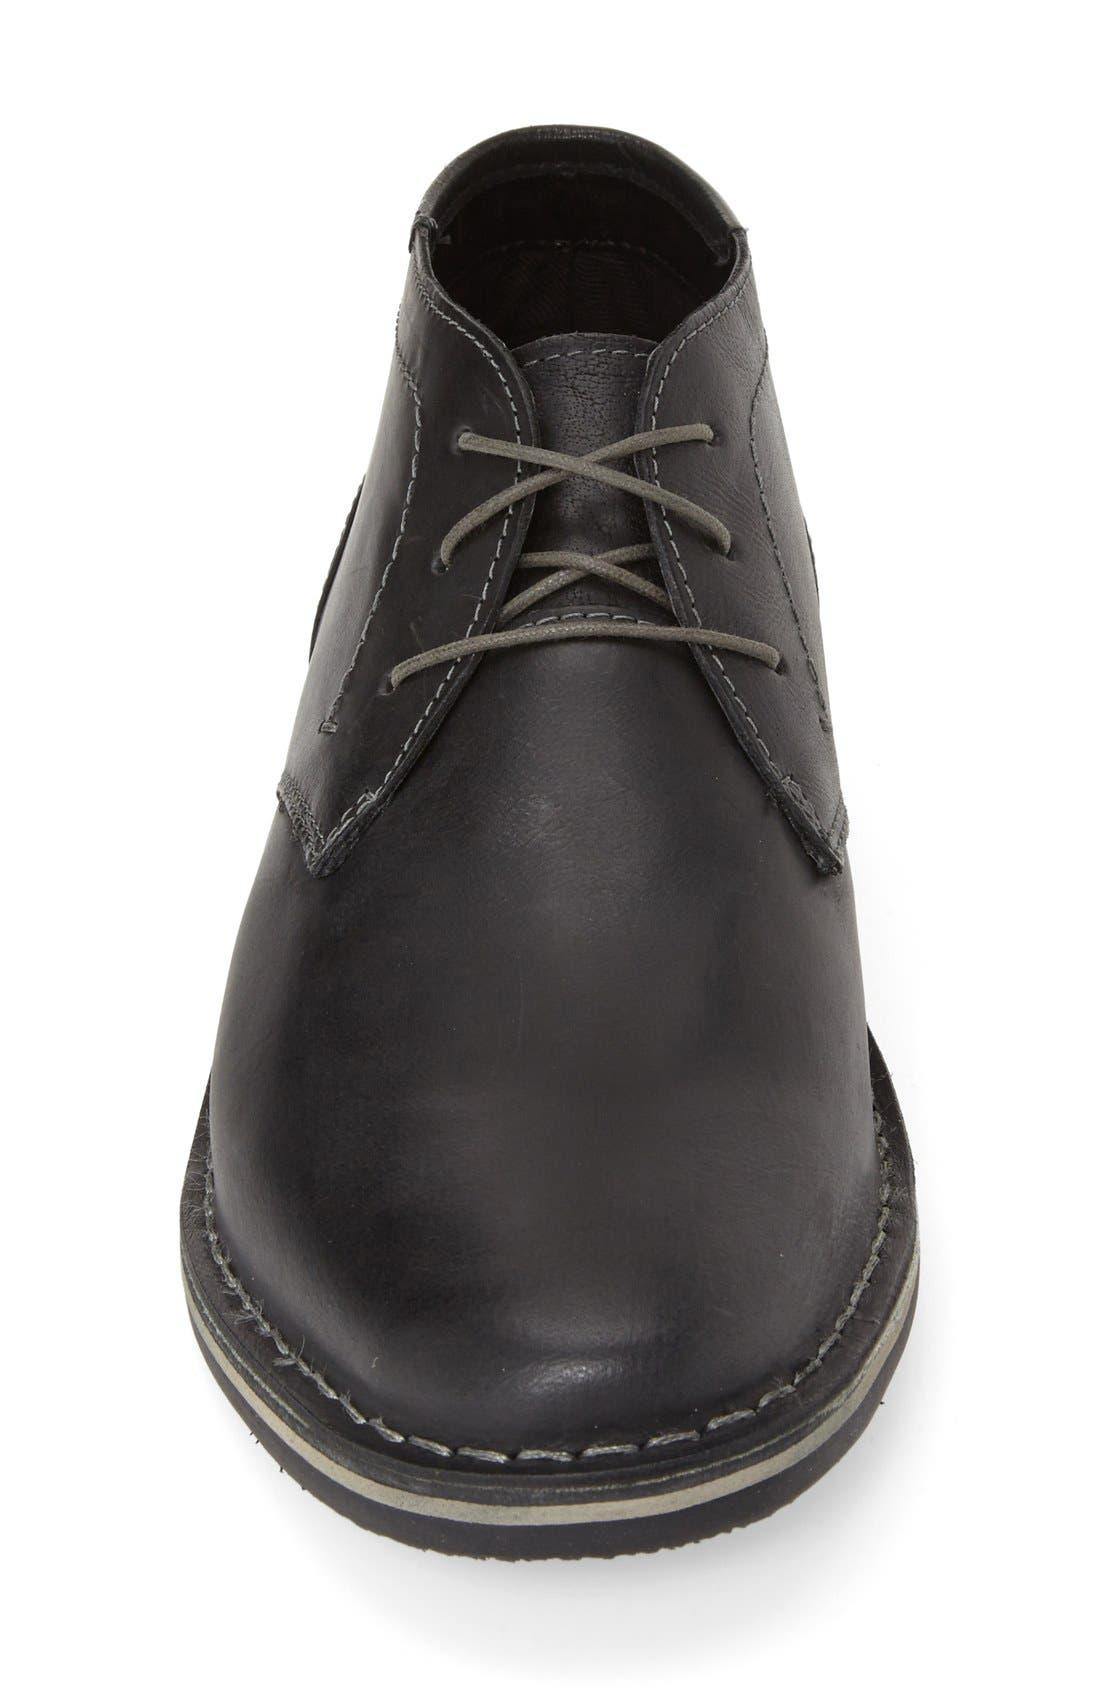 'Harken' Leather Chukka Boot,                             Alternate thumbnail 3, color,                             001